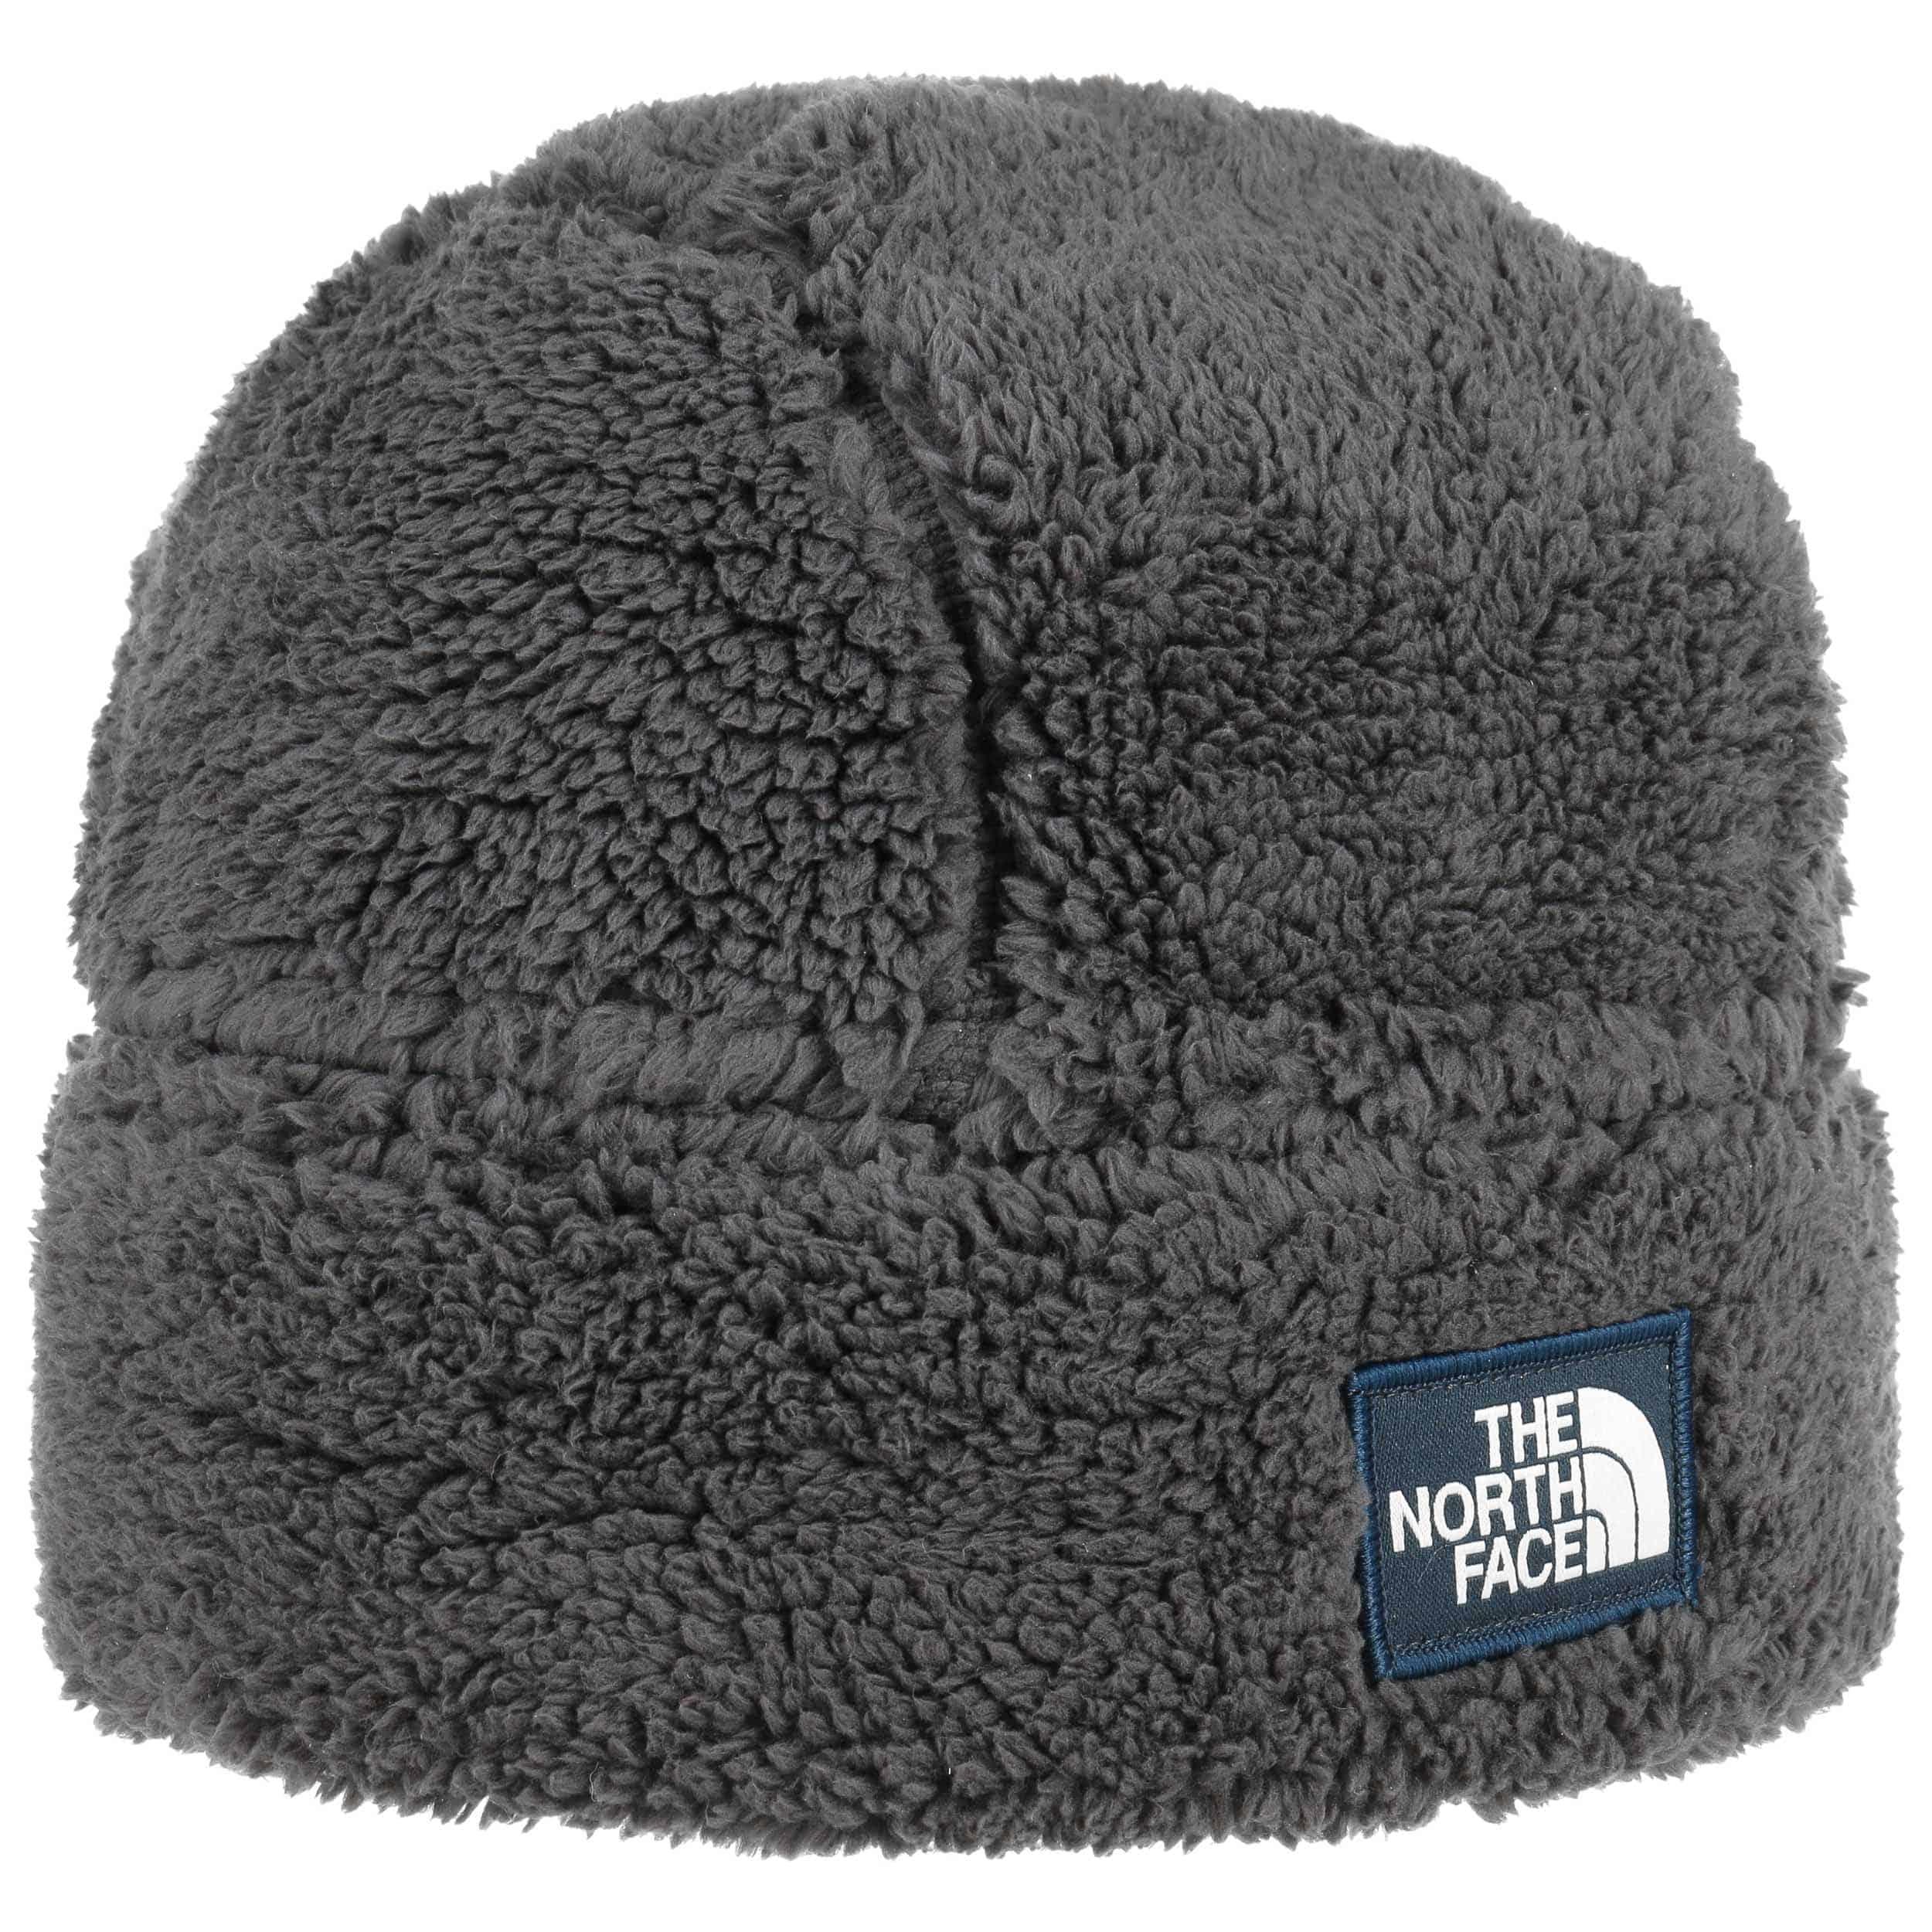 Bonnet en Polaire Campshire by The North Face, EUR 39,95 ... a078acc6c69c